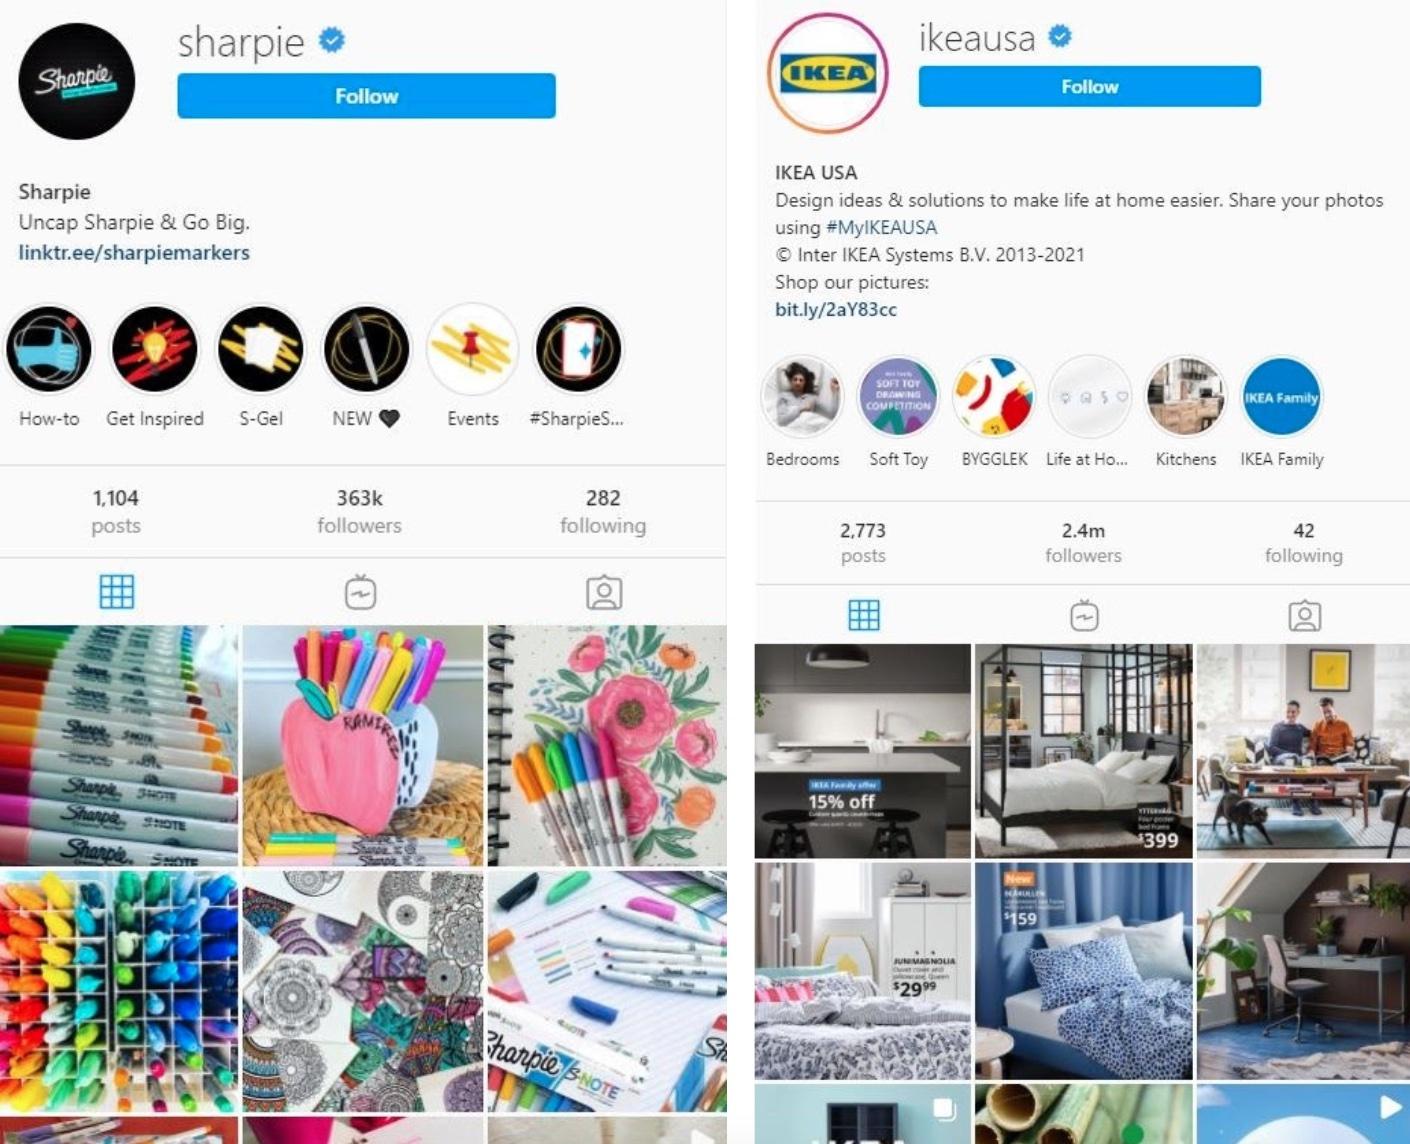 Sharpie & Ikea USA Instagram